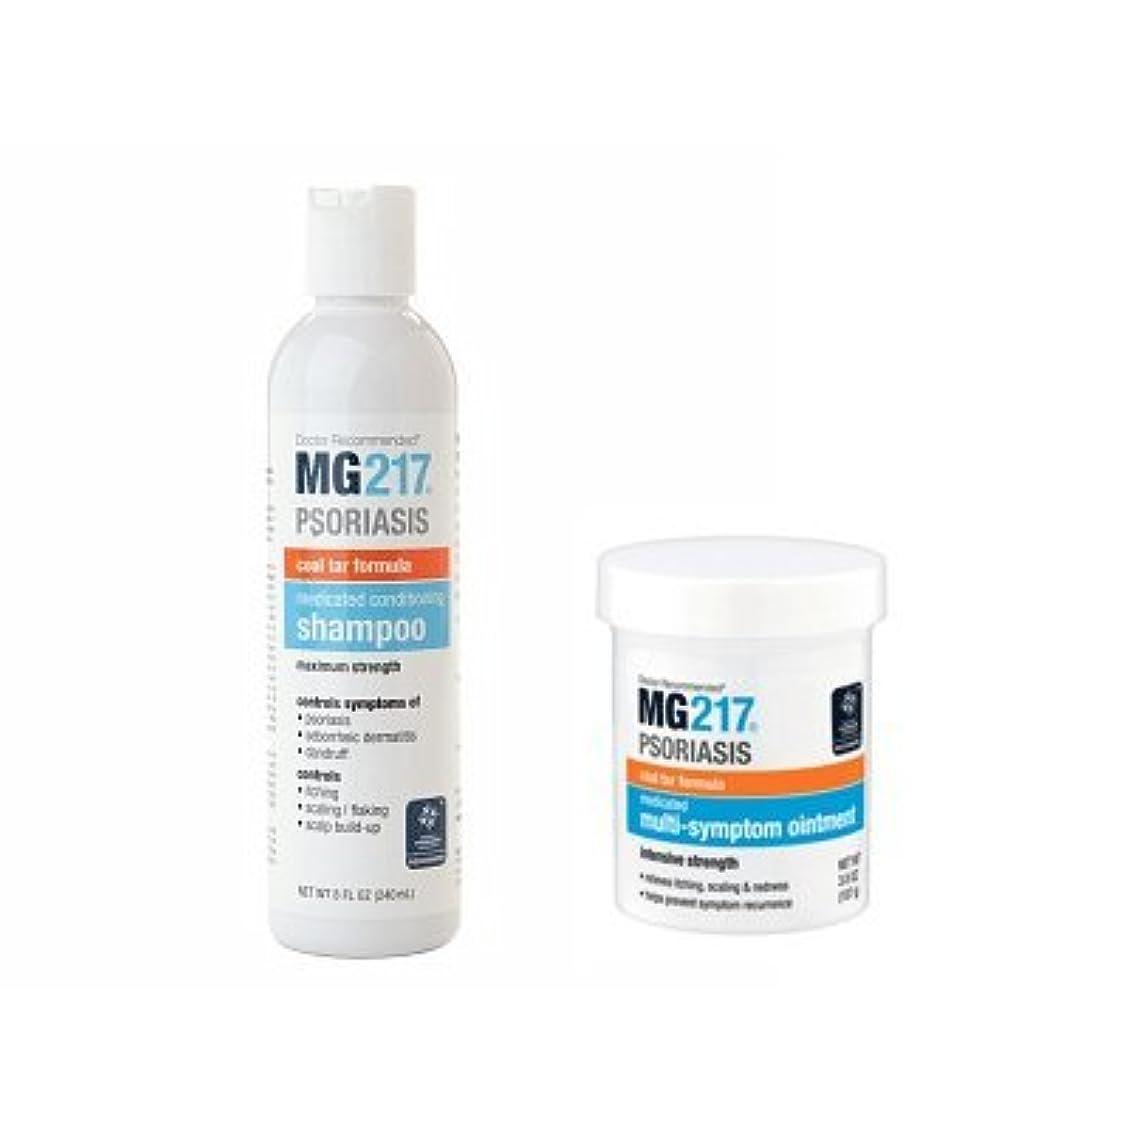 段落制限された編集者MG217 シャンプー&軟膏セット 240ml/107ml Psoriasis Medicated Conditioning Shampoo,Ointment set 海外直送品